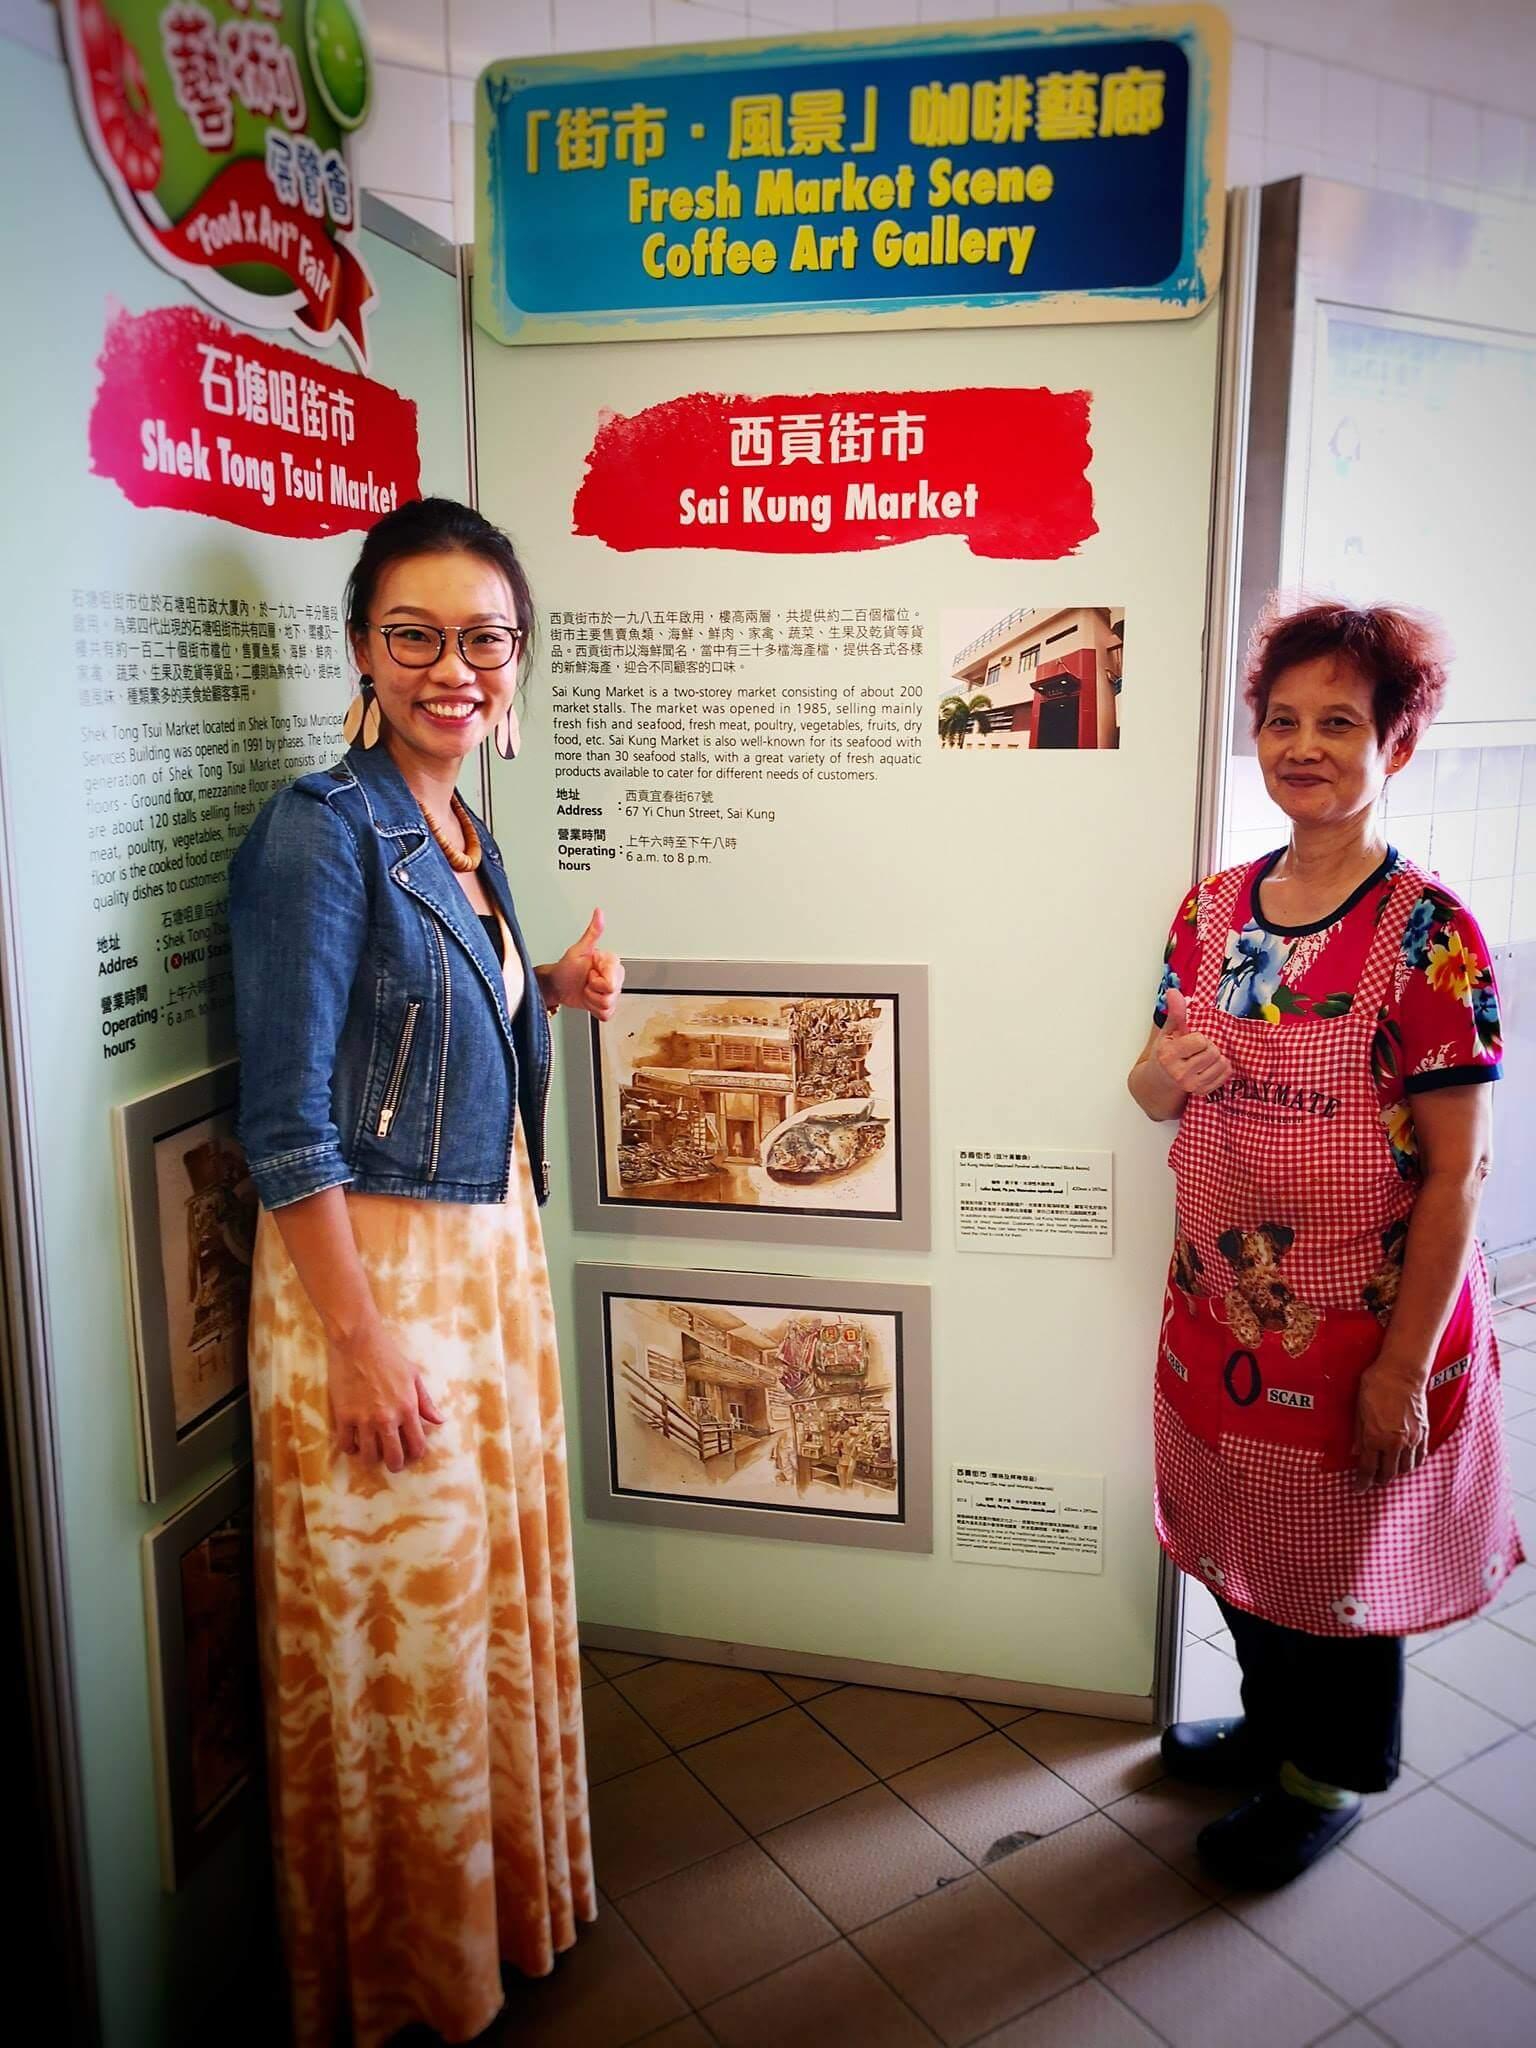 (受訪者提供)Ling在展覧時與畫中的燒味店女士合照,知道畫中人在看見畫作時的喜悅讓她感到滿足。